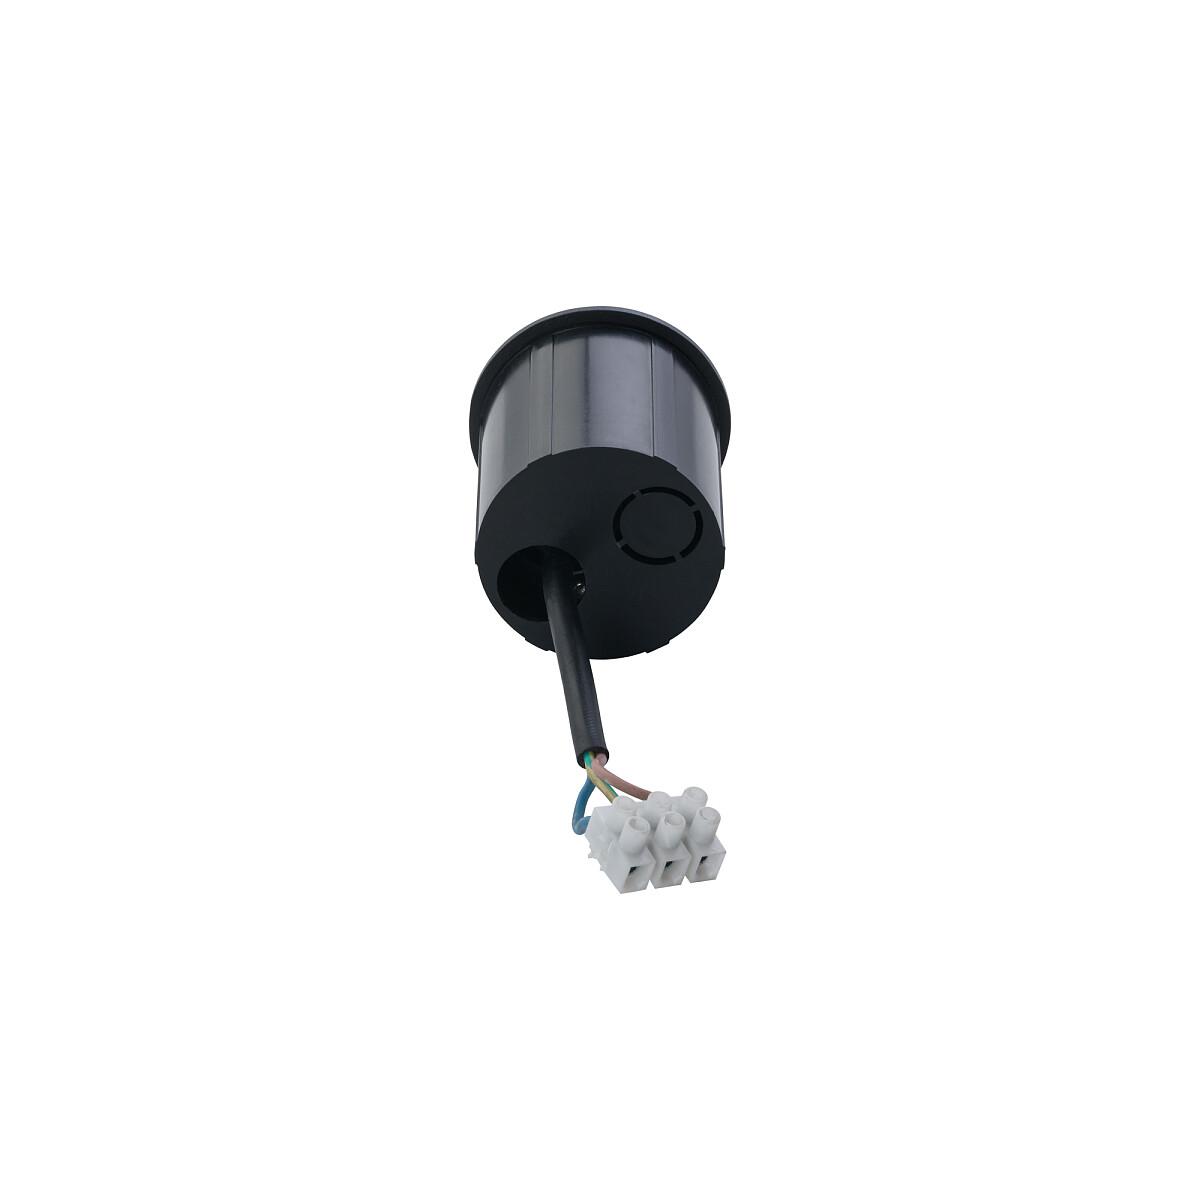 Nowodvorski TL-8163 Circlet LED kültéri süllyeszthető lámpa